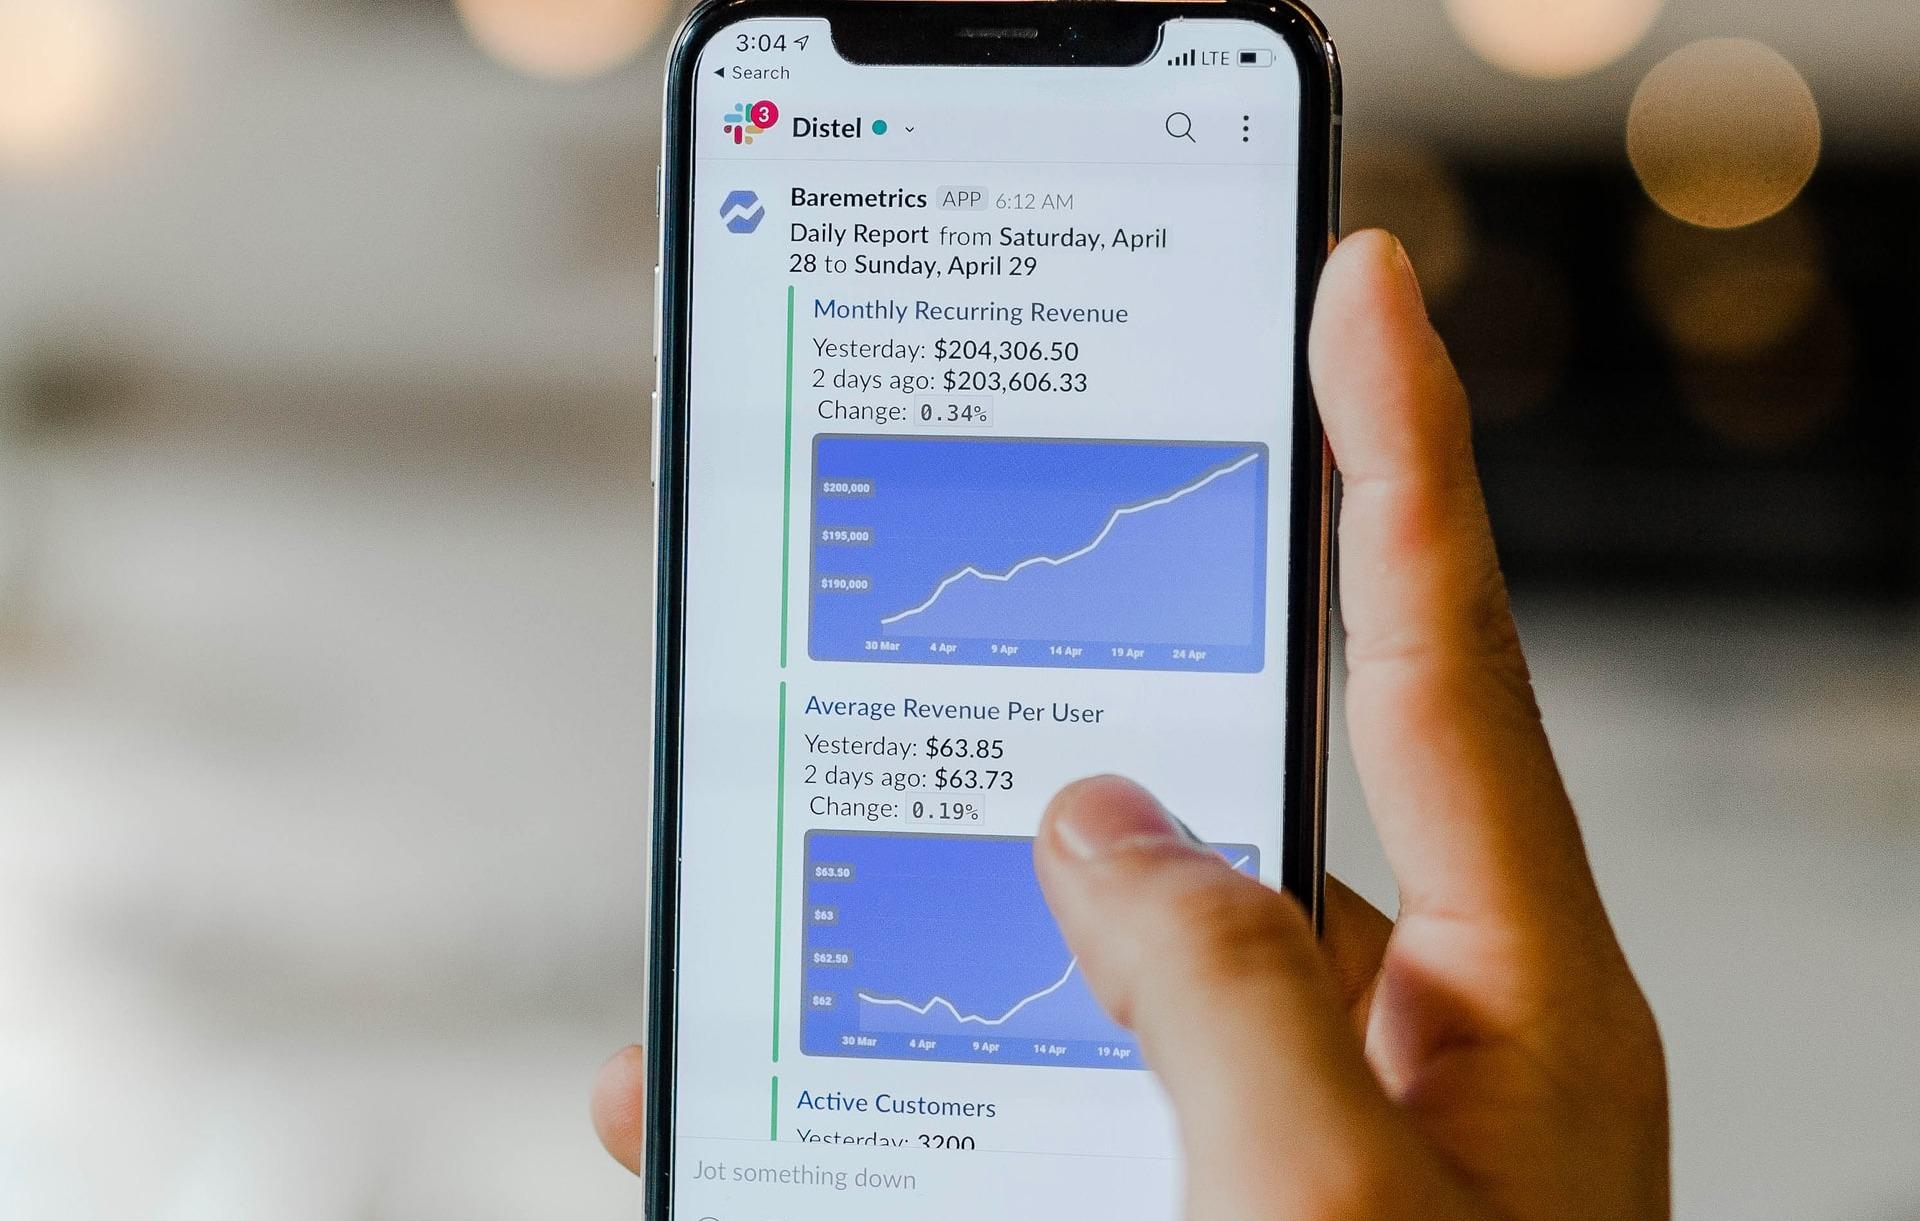 Gestoras de fondos de inversión: ¿En qué situación se encuentran?